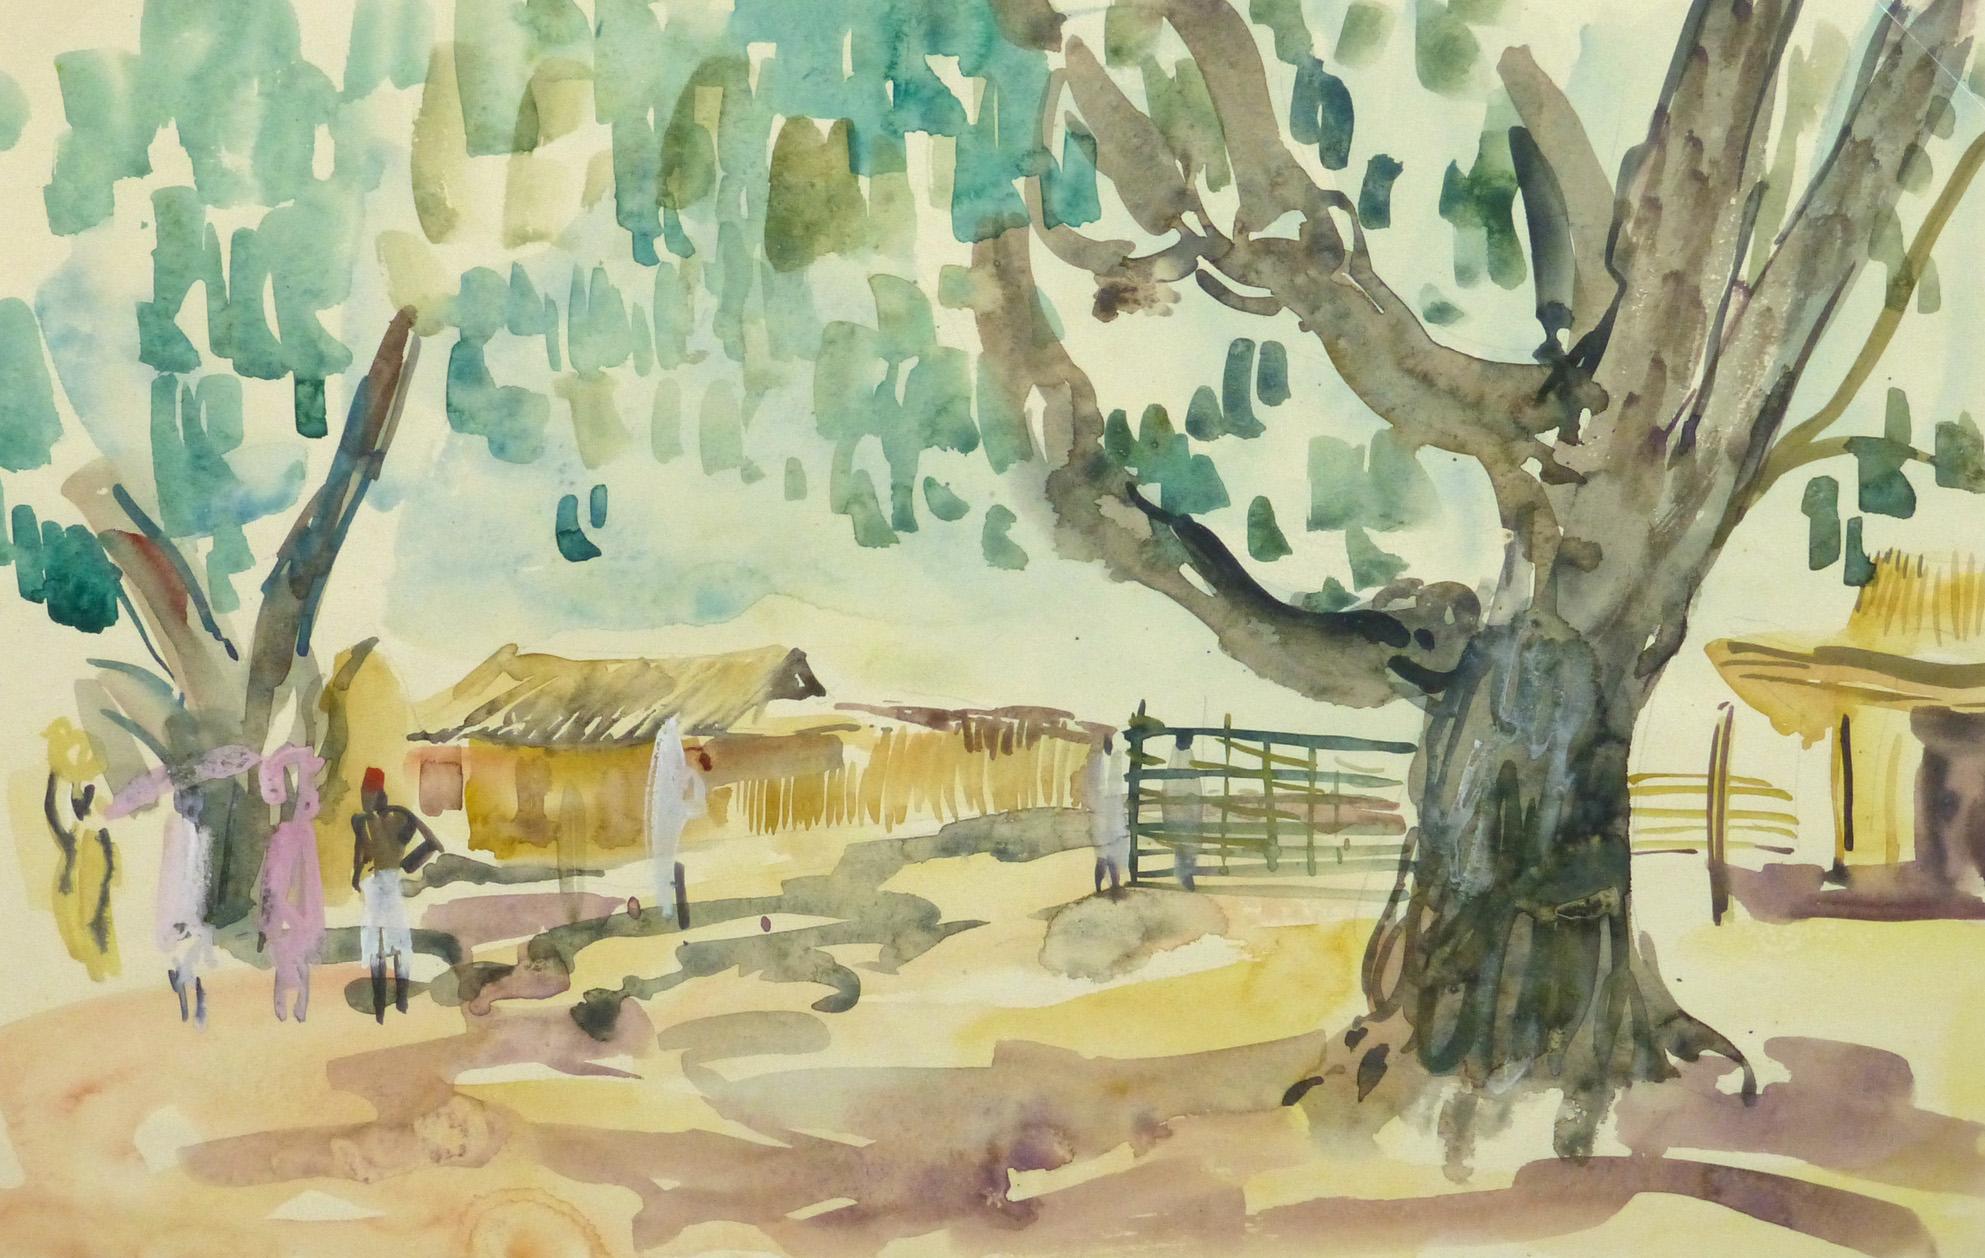 Watercolor Landscape - Village Farm - Main-9966M